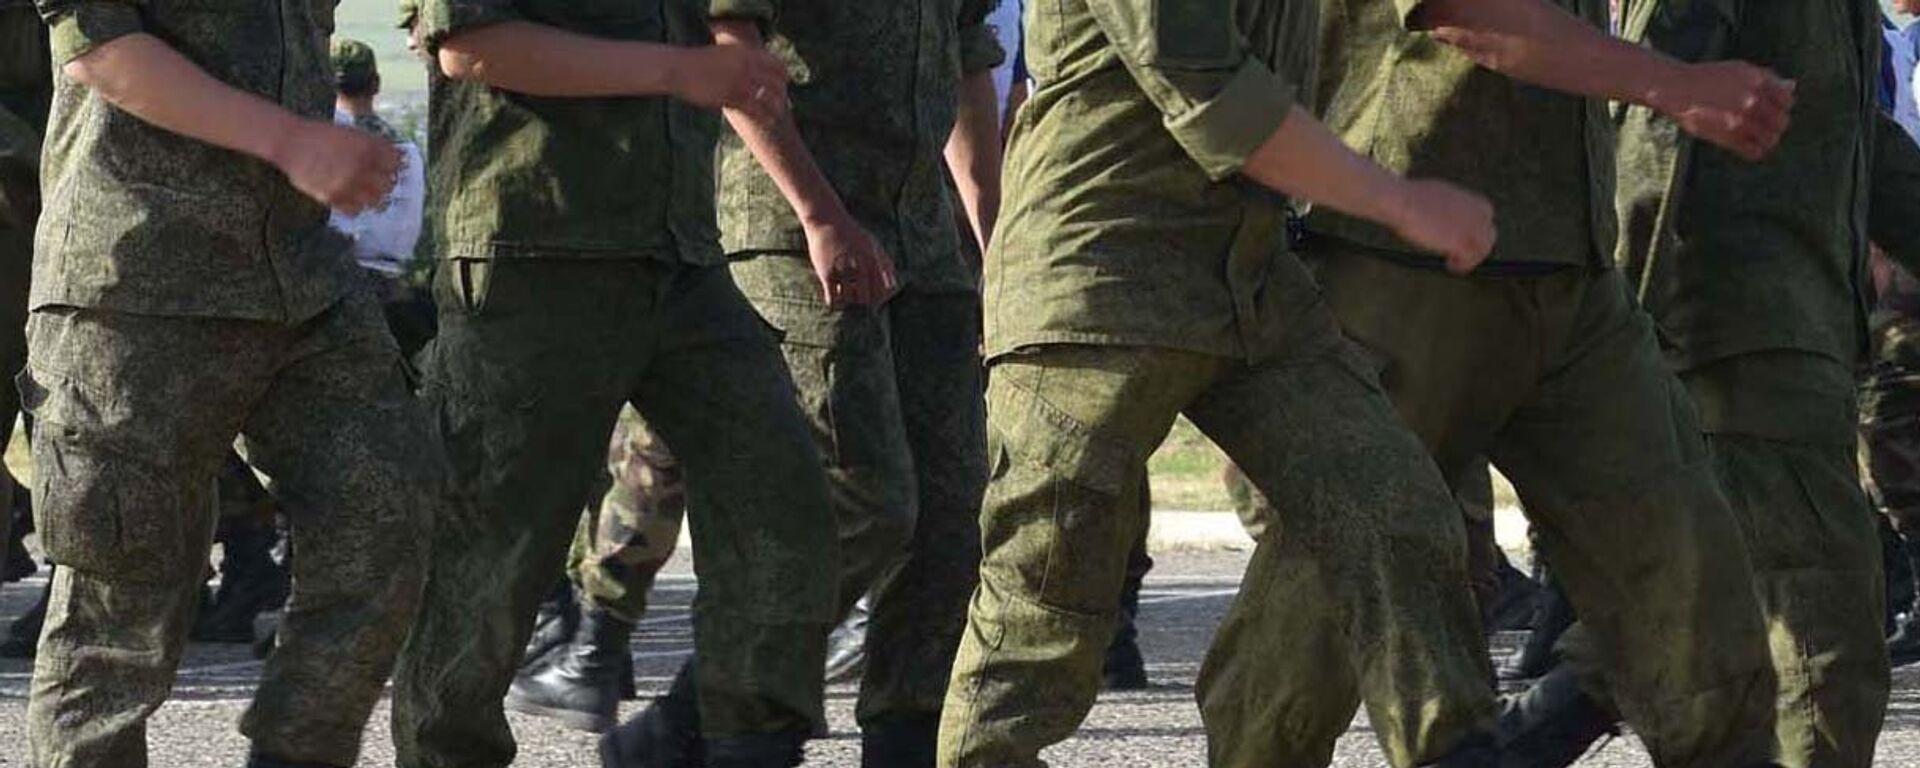 Солдаты маршируют, архивное фото - Sputnik Тоҷикистон, 1920, 05.04.2021